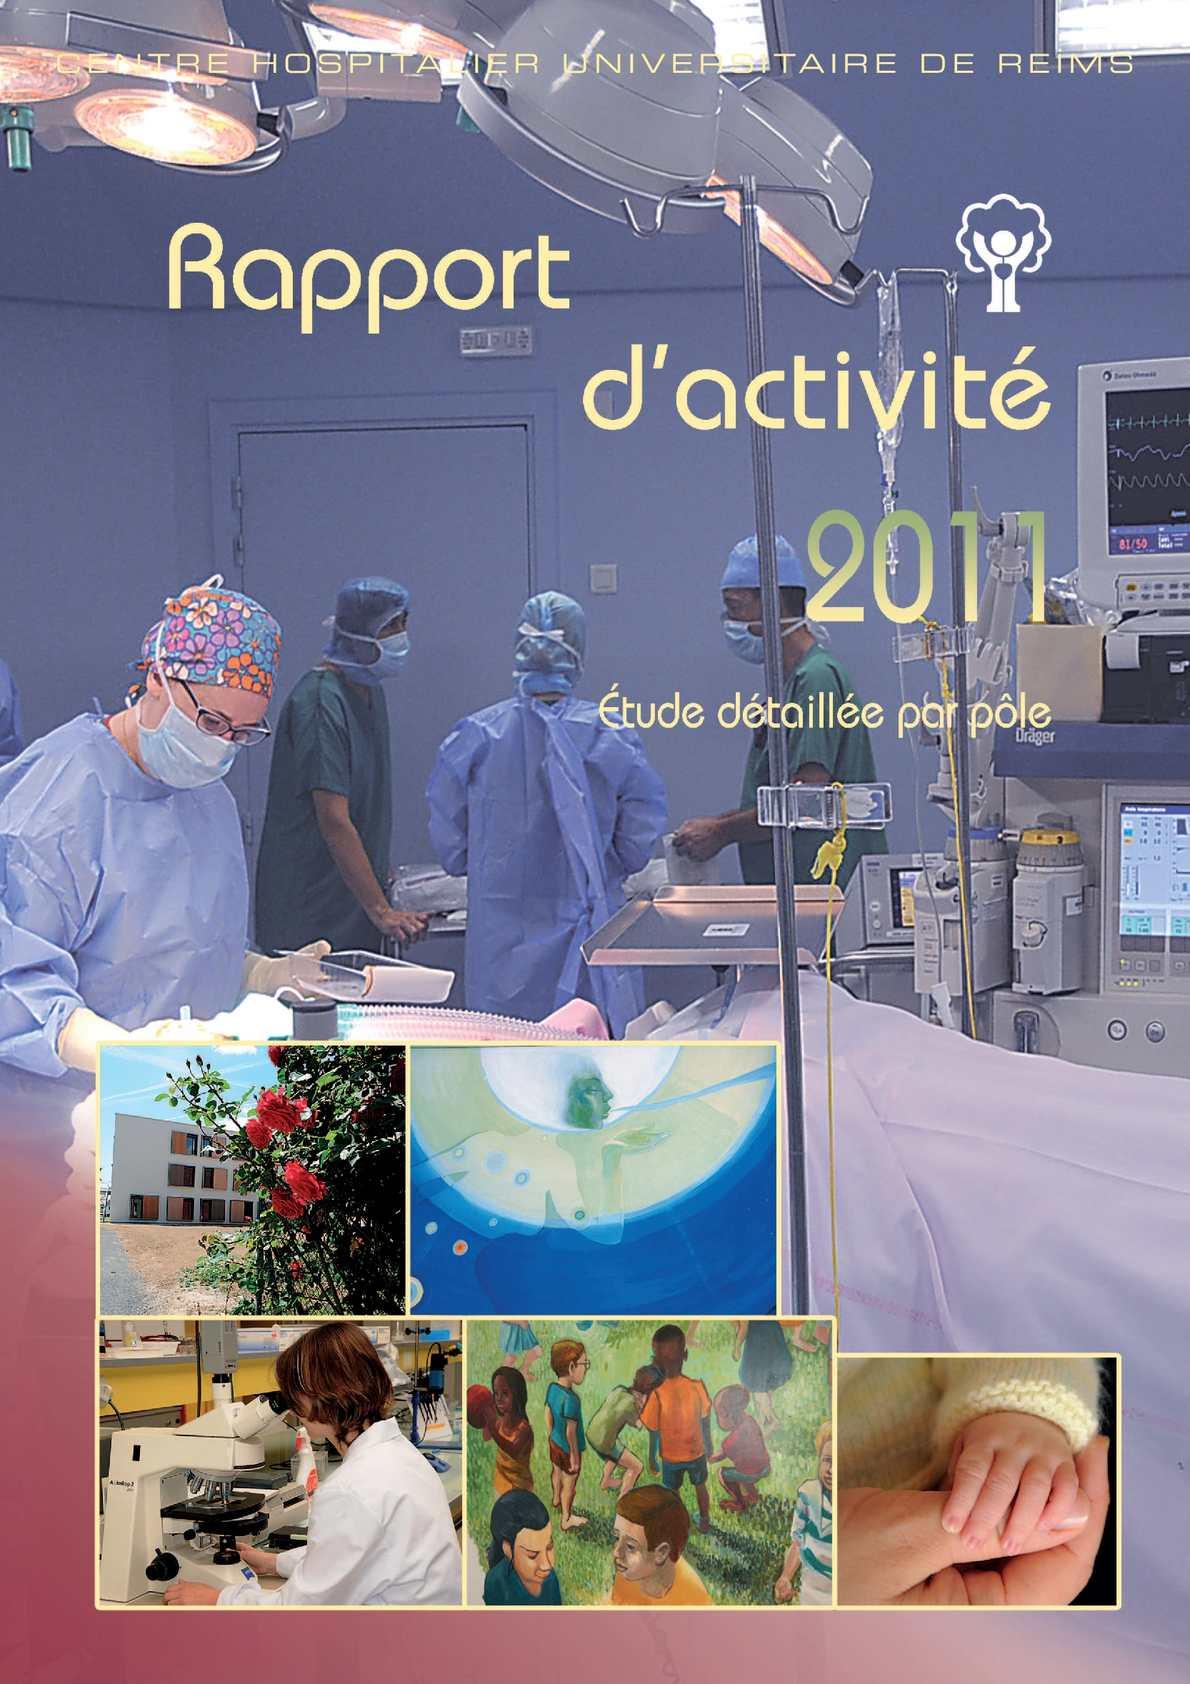 Calaméo - CHU de Reims - Rapport d'activité 2011 - Étude détaillée ...